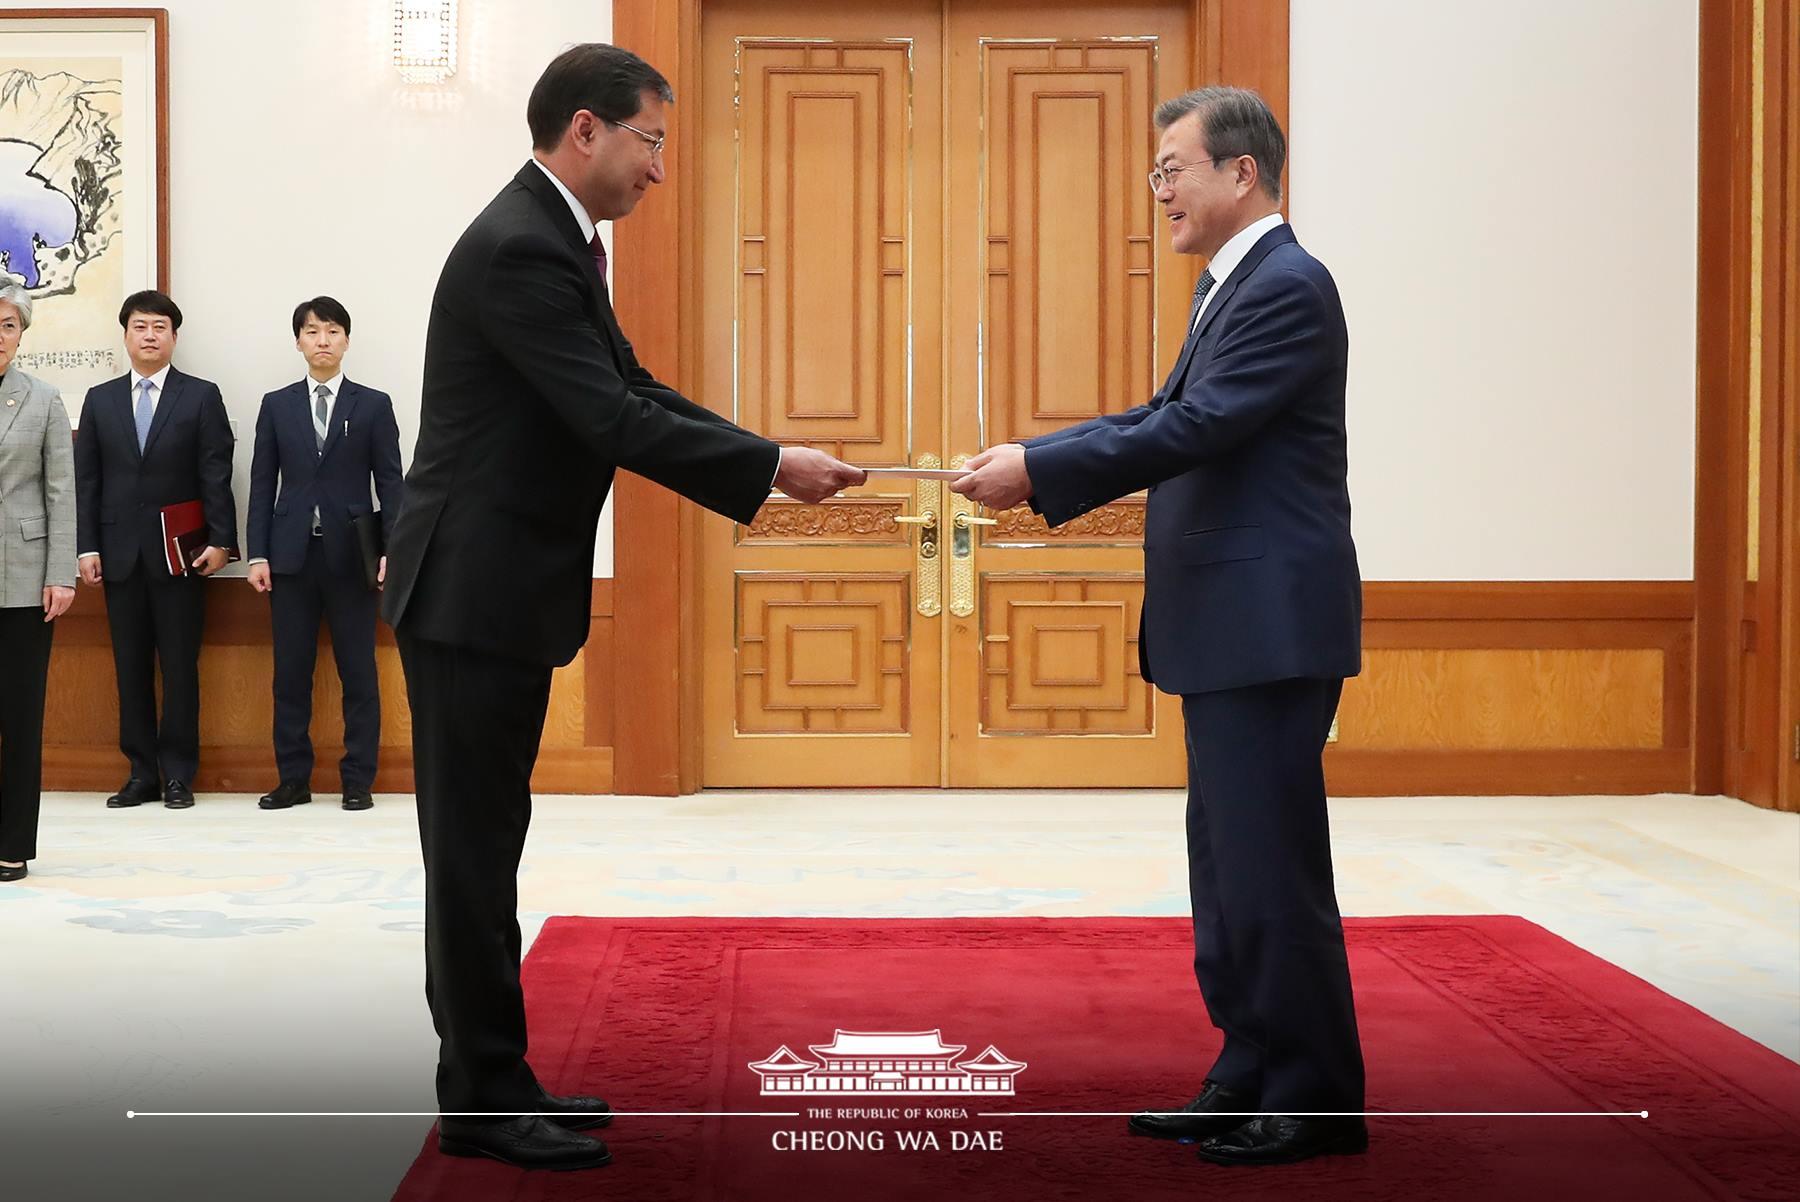 Посол Казахстана вручил верительные грамоты Президенту Республики Корея